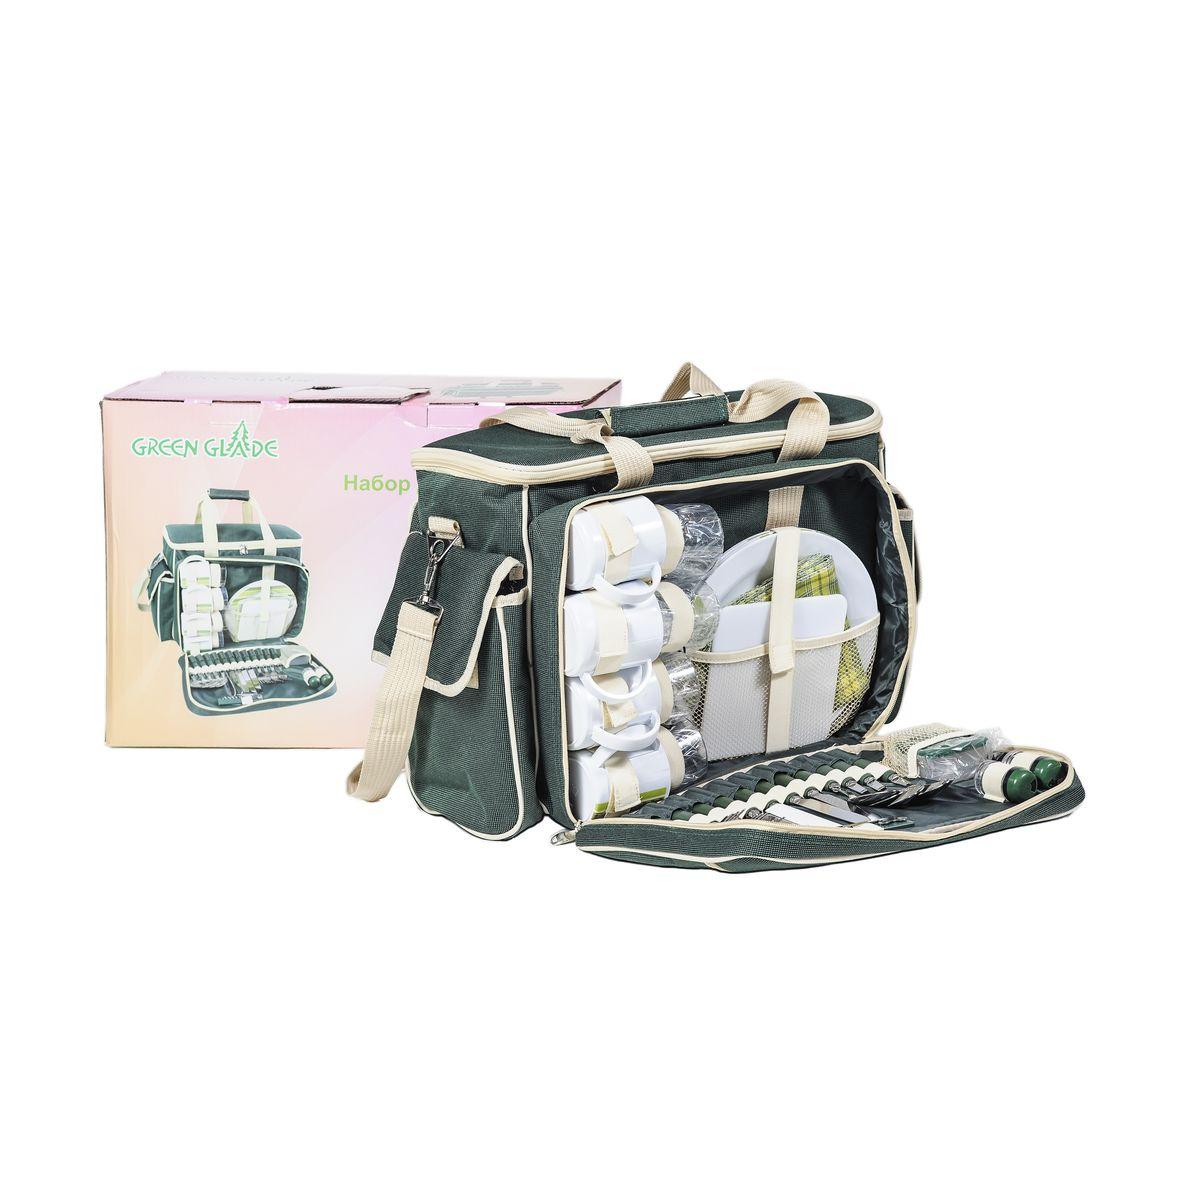 Набор для пикника Green Glade, цвет: зеленый, бежевый, на 4 персоны, 35 предметов. T3134T3134Набор для пикника Green Glade рассчитан на 4 персоны. Предметы набора хранятся во вместительном отделении удобной сумки с регулируемой лямкой и ручками. У сумки одно большое отделение с термоизоляционным слоем. Также имеются три вместительных кармашка. Все предметы набора надежно фиксируются внутри сумки специальными эластичными фиксаторами. В набор входит: - изотермическая сумка-холодильник: 1 шт, объем: 30 л, размер 48 см х 36 см х 33 см, - ножи: 4 шт, длина 20,5 см, - вилки: 4 шт, длина 19 см, - ложки: 4 шт, длина 19 см, - стаканы пластиковые: 4 шт, объем: 250 мл, - чашки пластиковые: 4 шт, объем: 250 мл, - тарелки пластиковые: 4 шт, диаметр 22,5 см, - салфетки хлопковые: 4 шт, - солонка: 1 шт, - перечница: 1 шт, - складной нож со штопором и открывалкой: 1 шт, длина 16,5 см, - нож для сыра/масла: 1 шт, длина 19 см, - емкость для сыра/масла: 1 шт, размер 7,5 см х 6 см х 3,5 см, -...